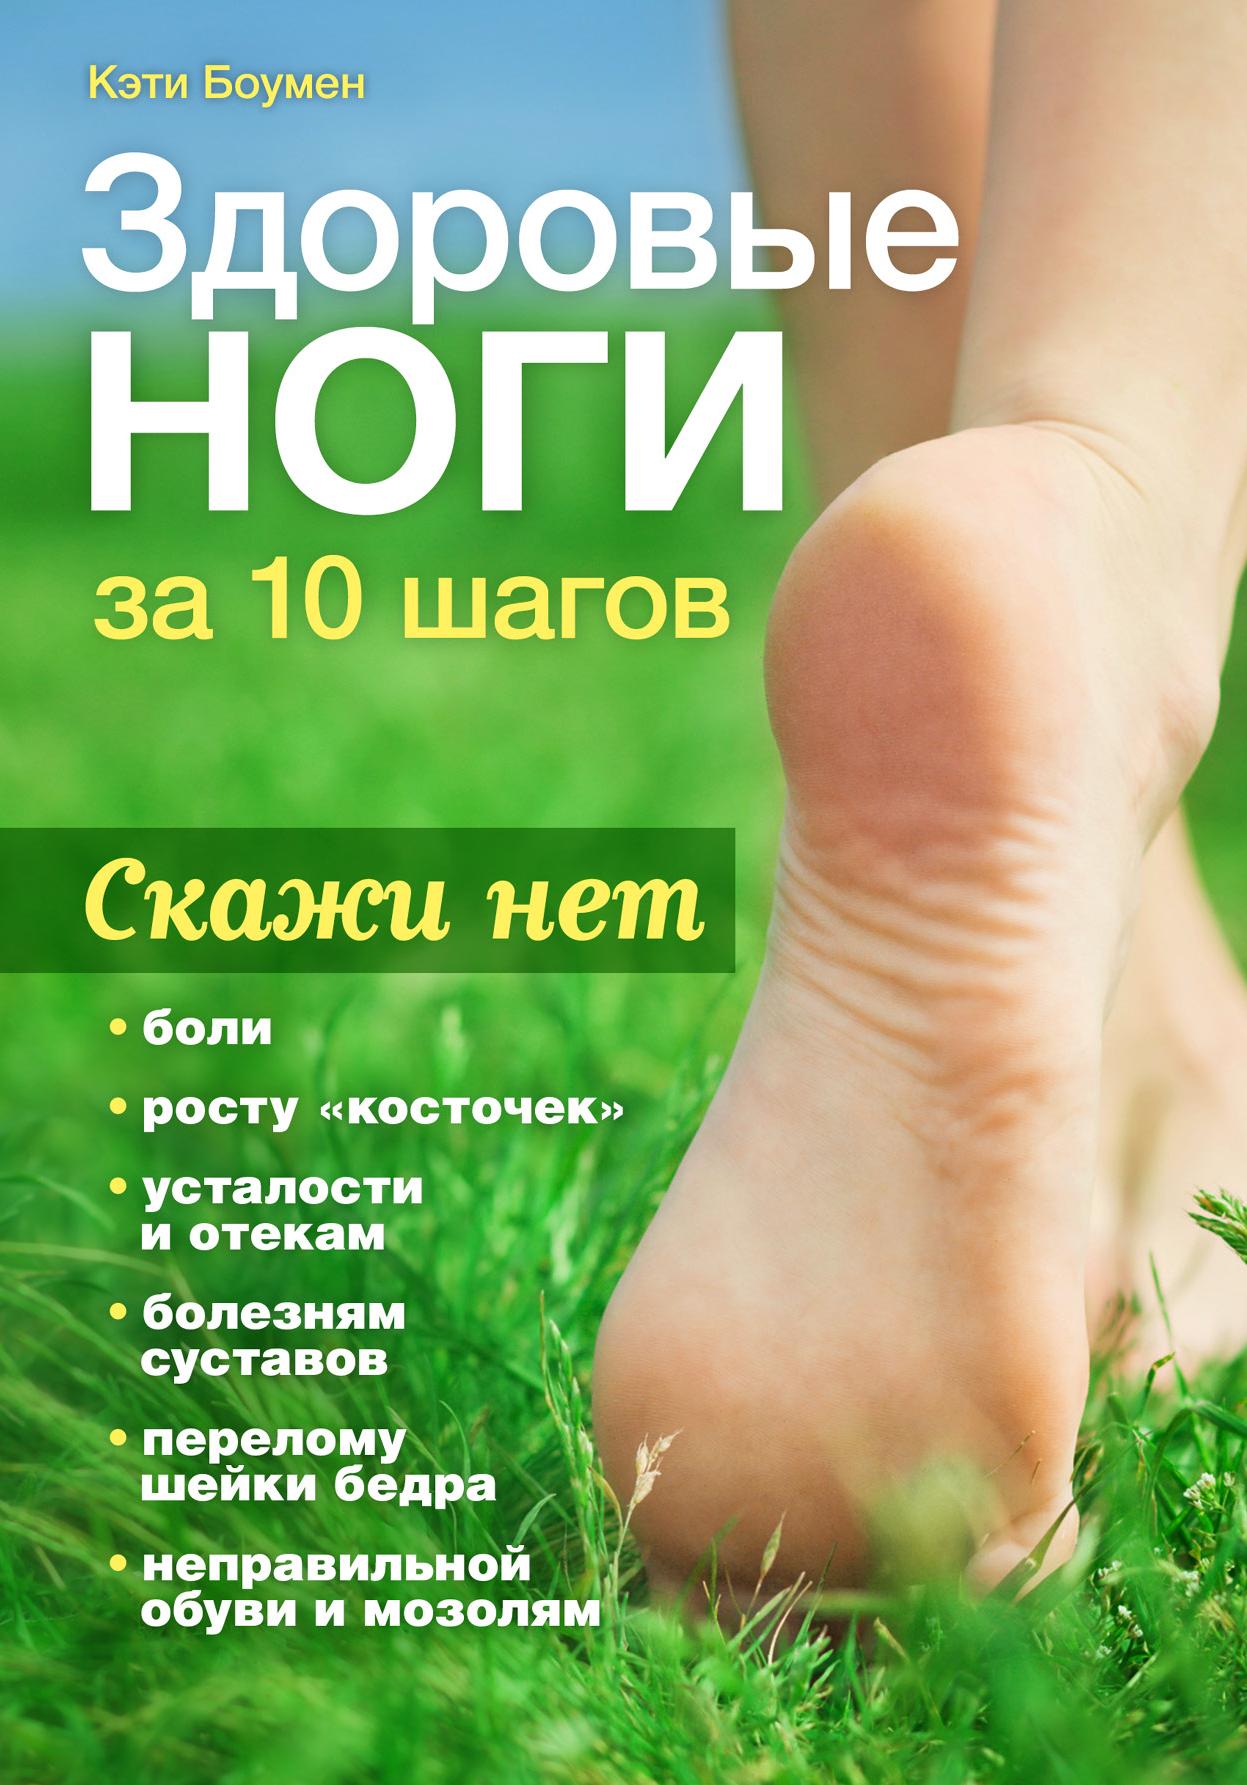 Здоровые ноги за 10 шагов